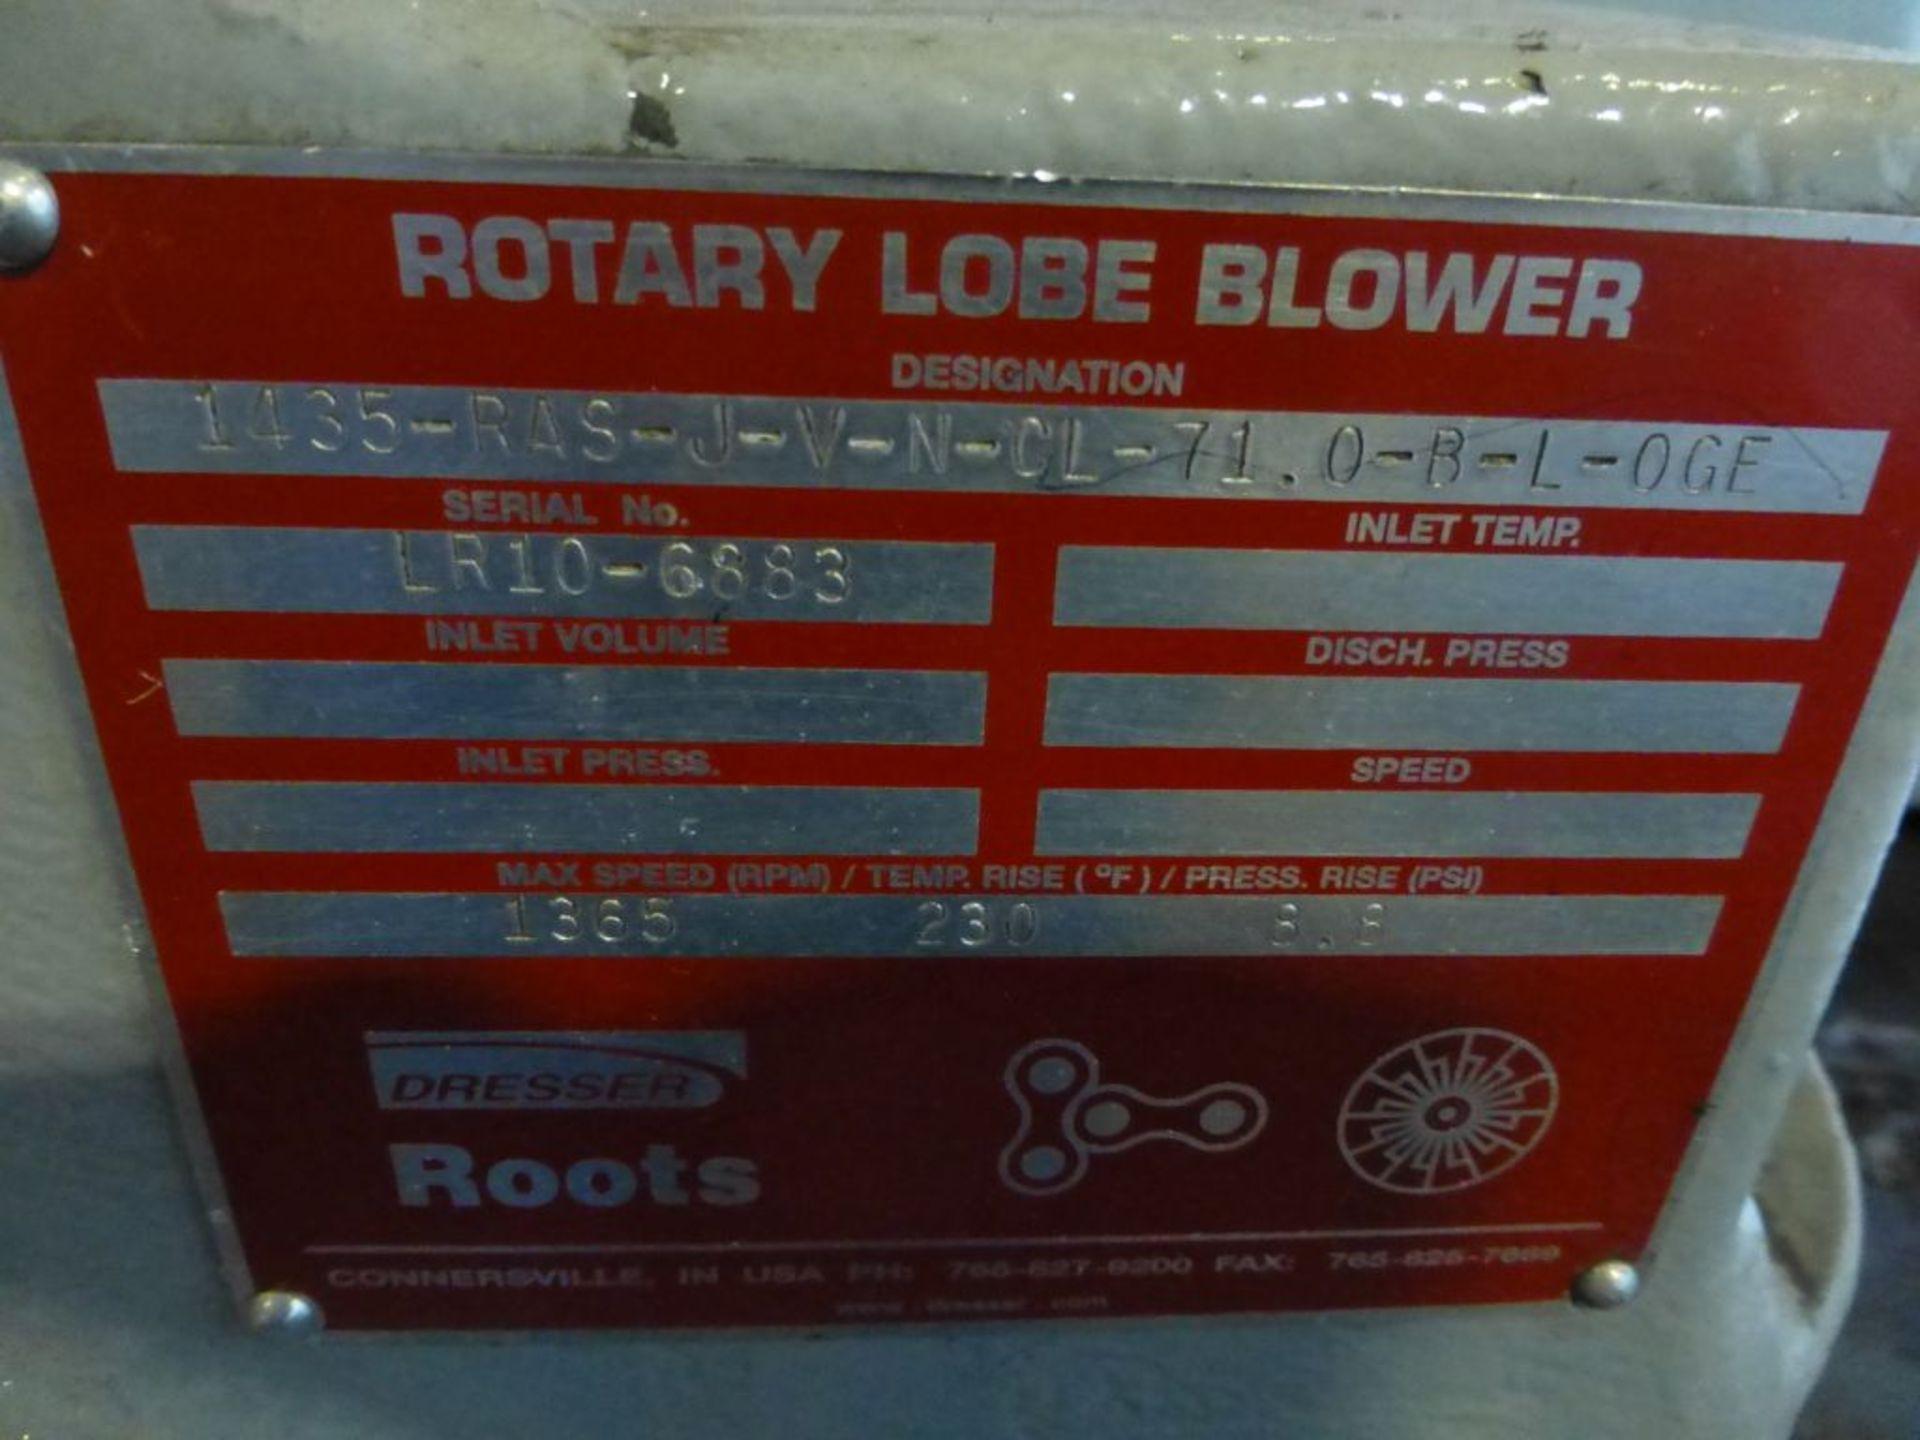 Roots Dresser Rotary Lobe Blower | Model No. 1435-J-V-N-CL-7L-0-R-L-OCE; Max Speed RPM: 1365; - Image 6 of 6